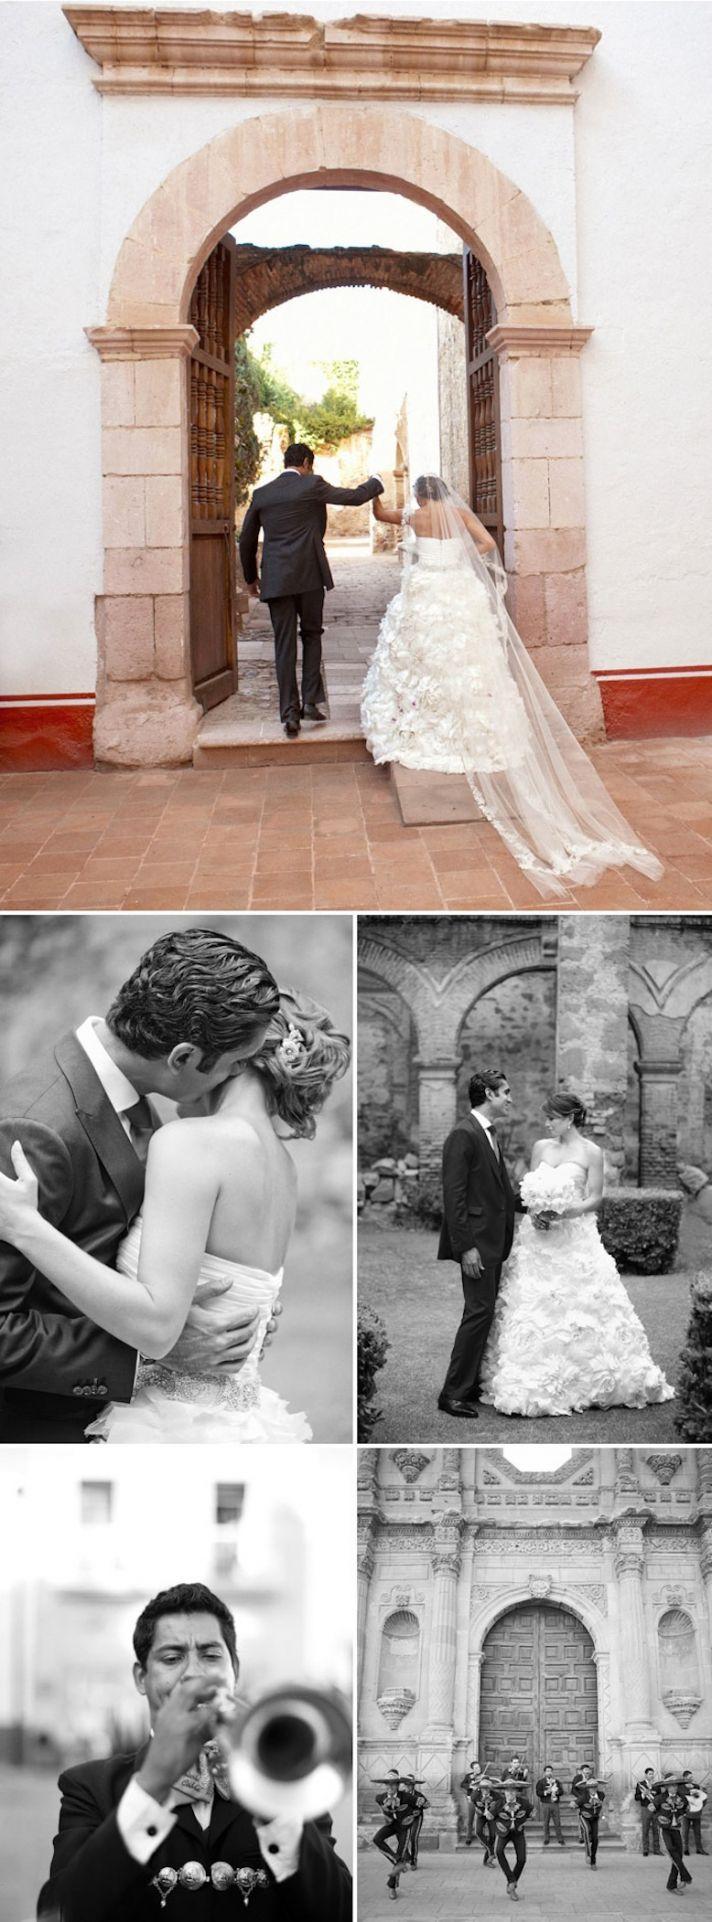 Bright destination wedding in Mexico by Aaron Delesie 5